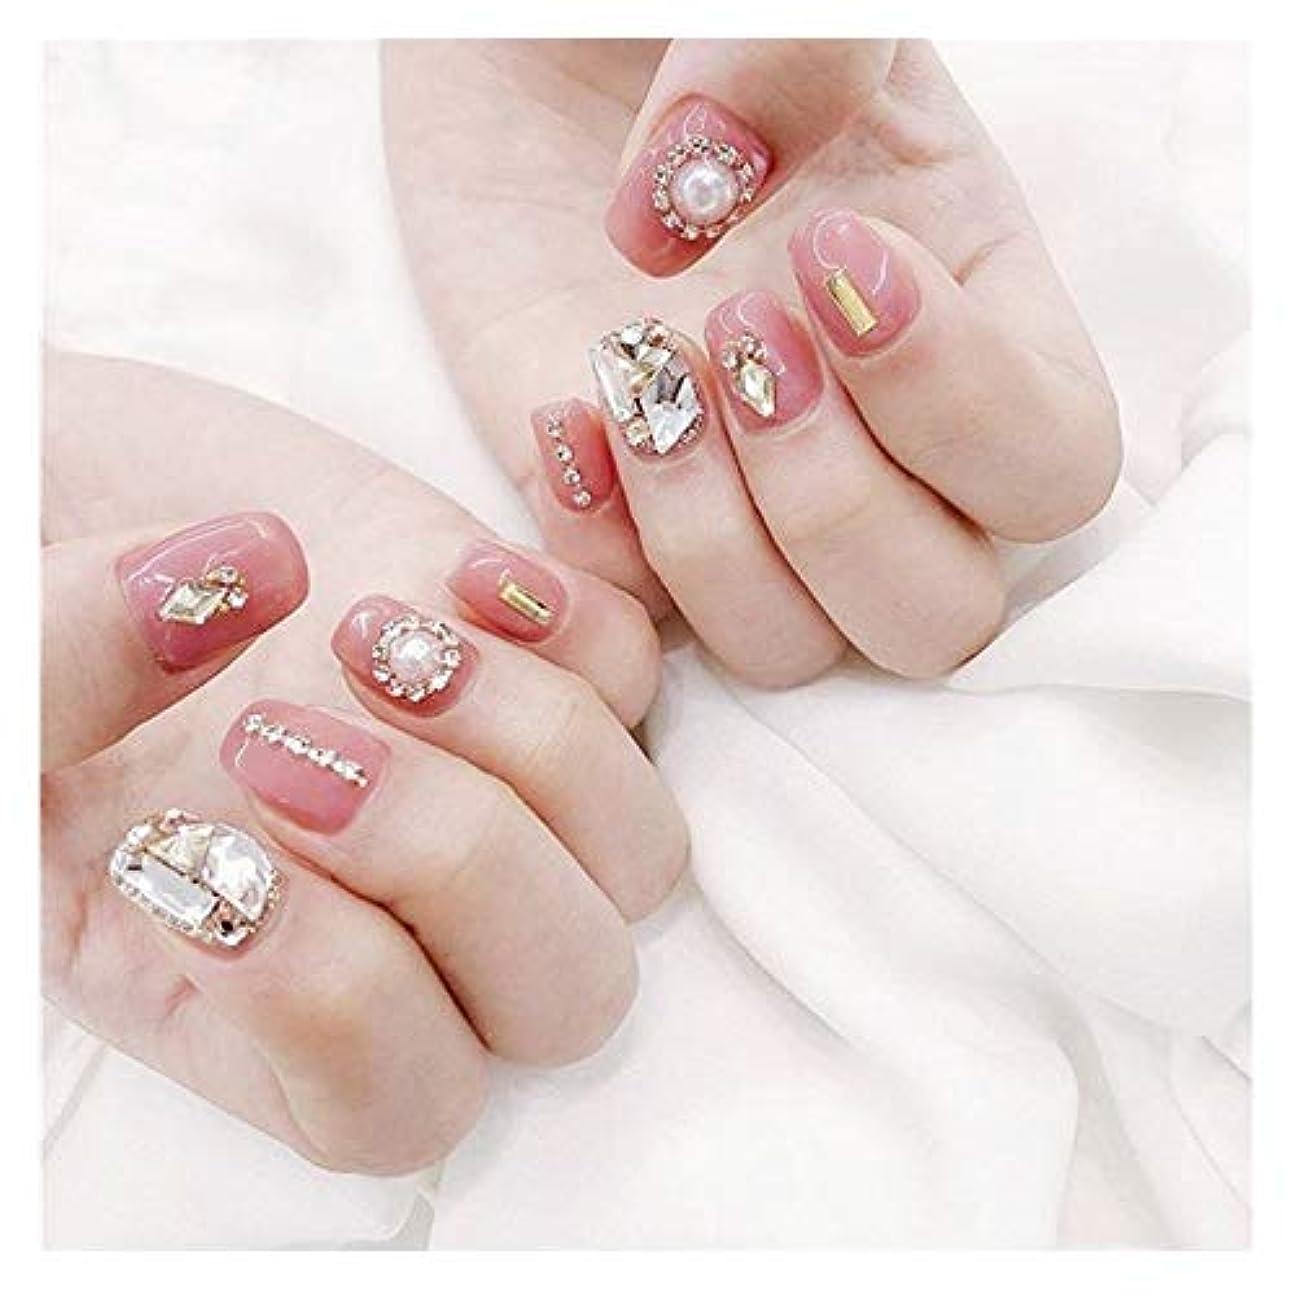 好むサミュエル取り壊すBOBIDYEE ダイヤモンドのり偽の爪ピンクのかわいい花嫁フォトスタジオ完成ネイル偽の釘 (色 : 24 pieces)